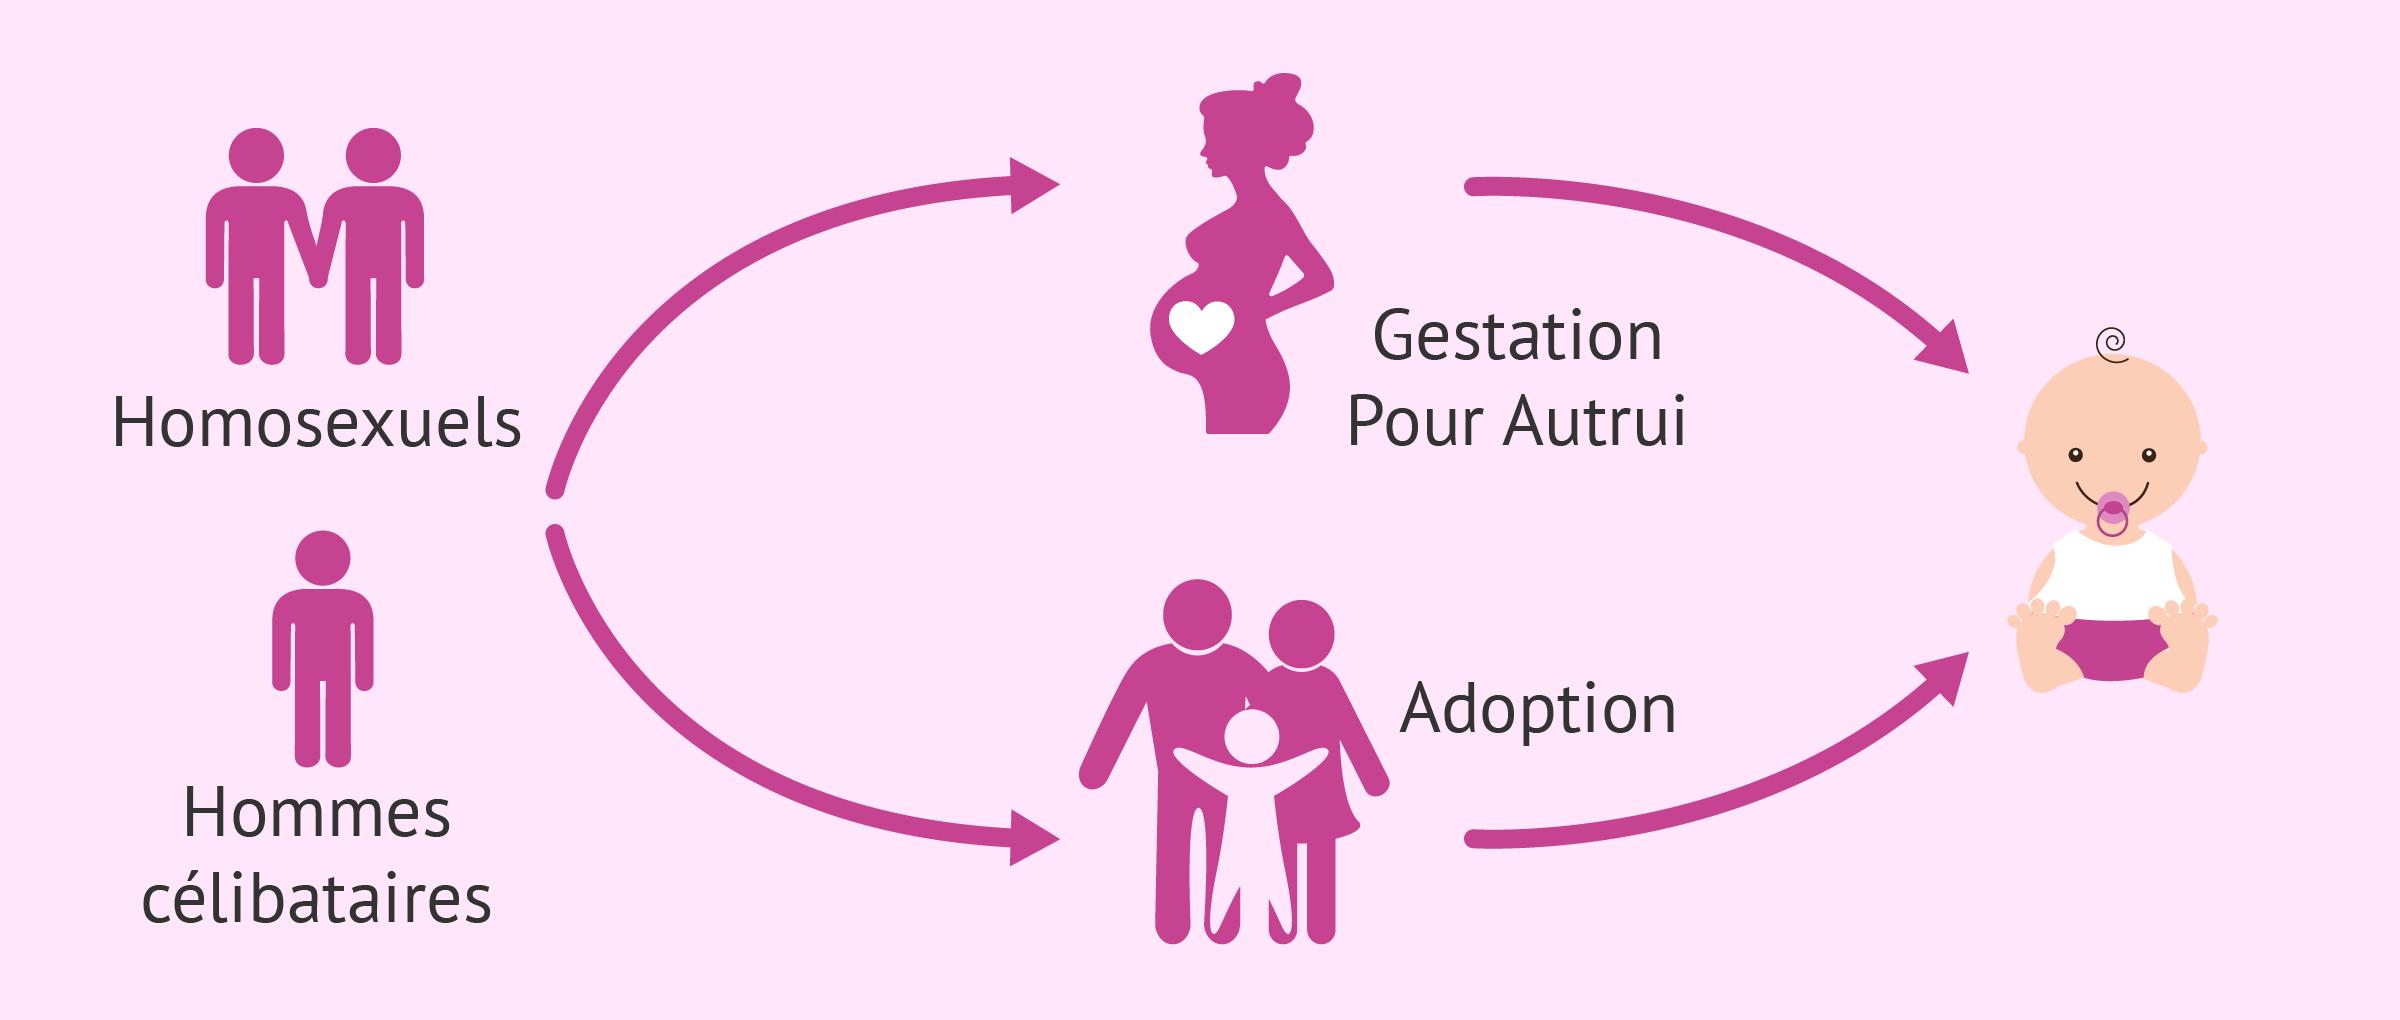 Paternité pour les homosexuels et les hommes seuls: adoption et GPA